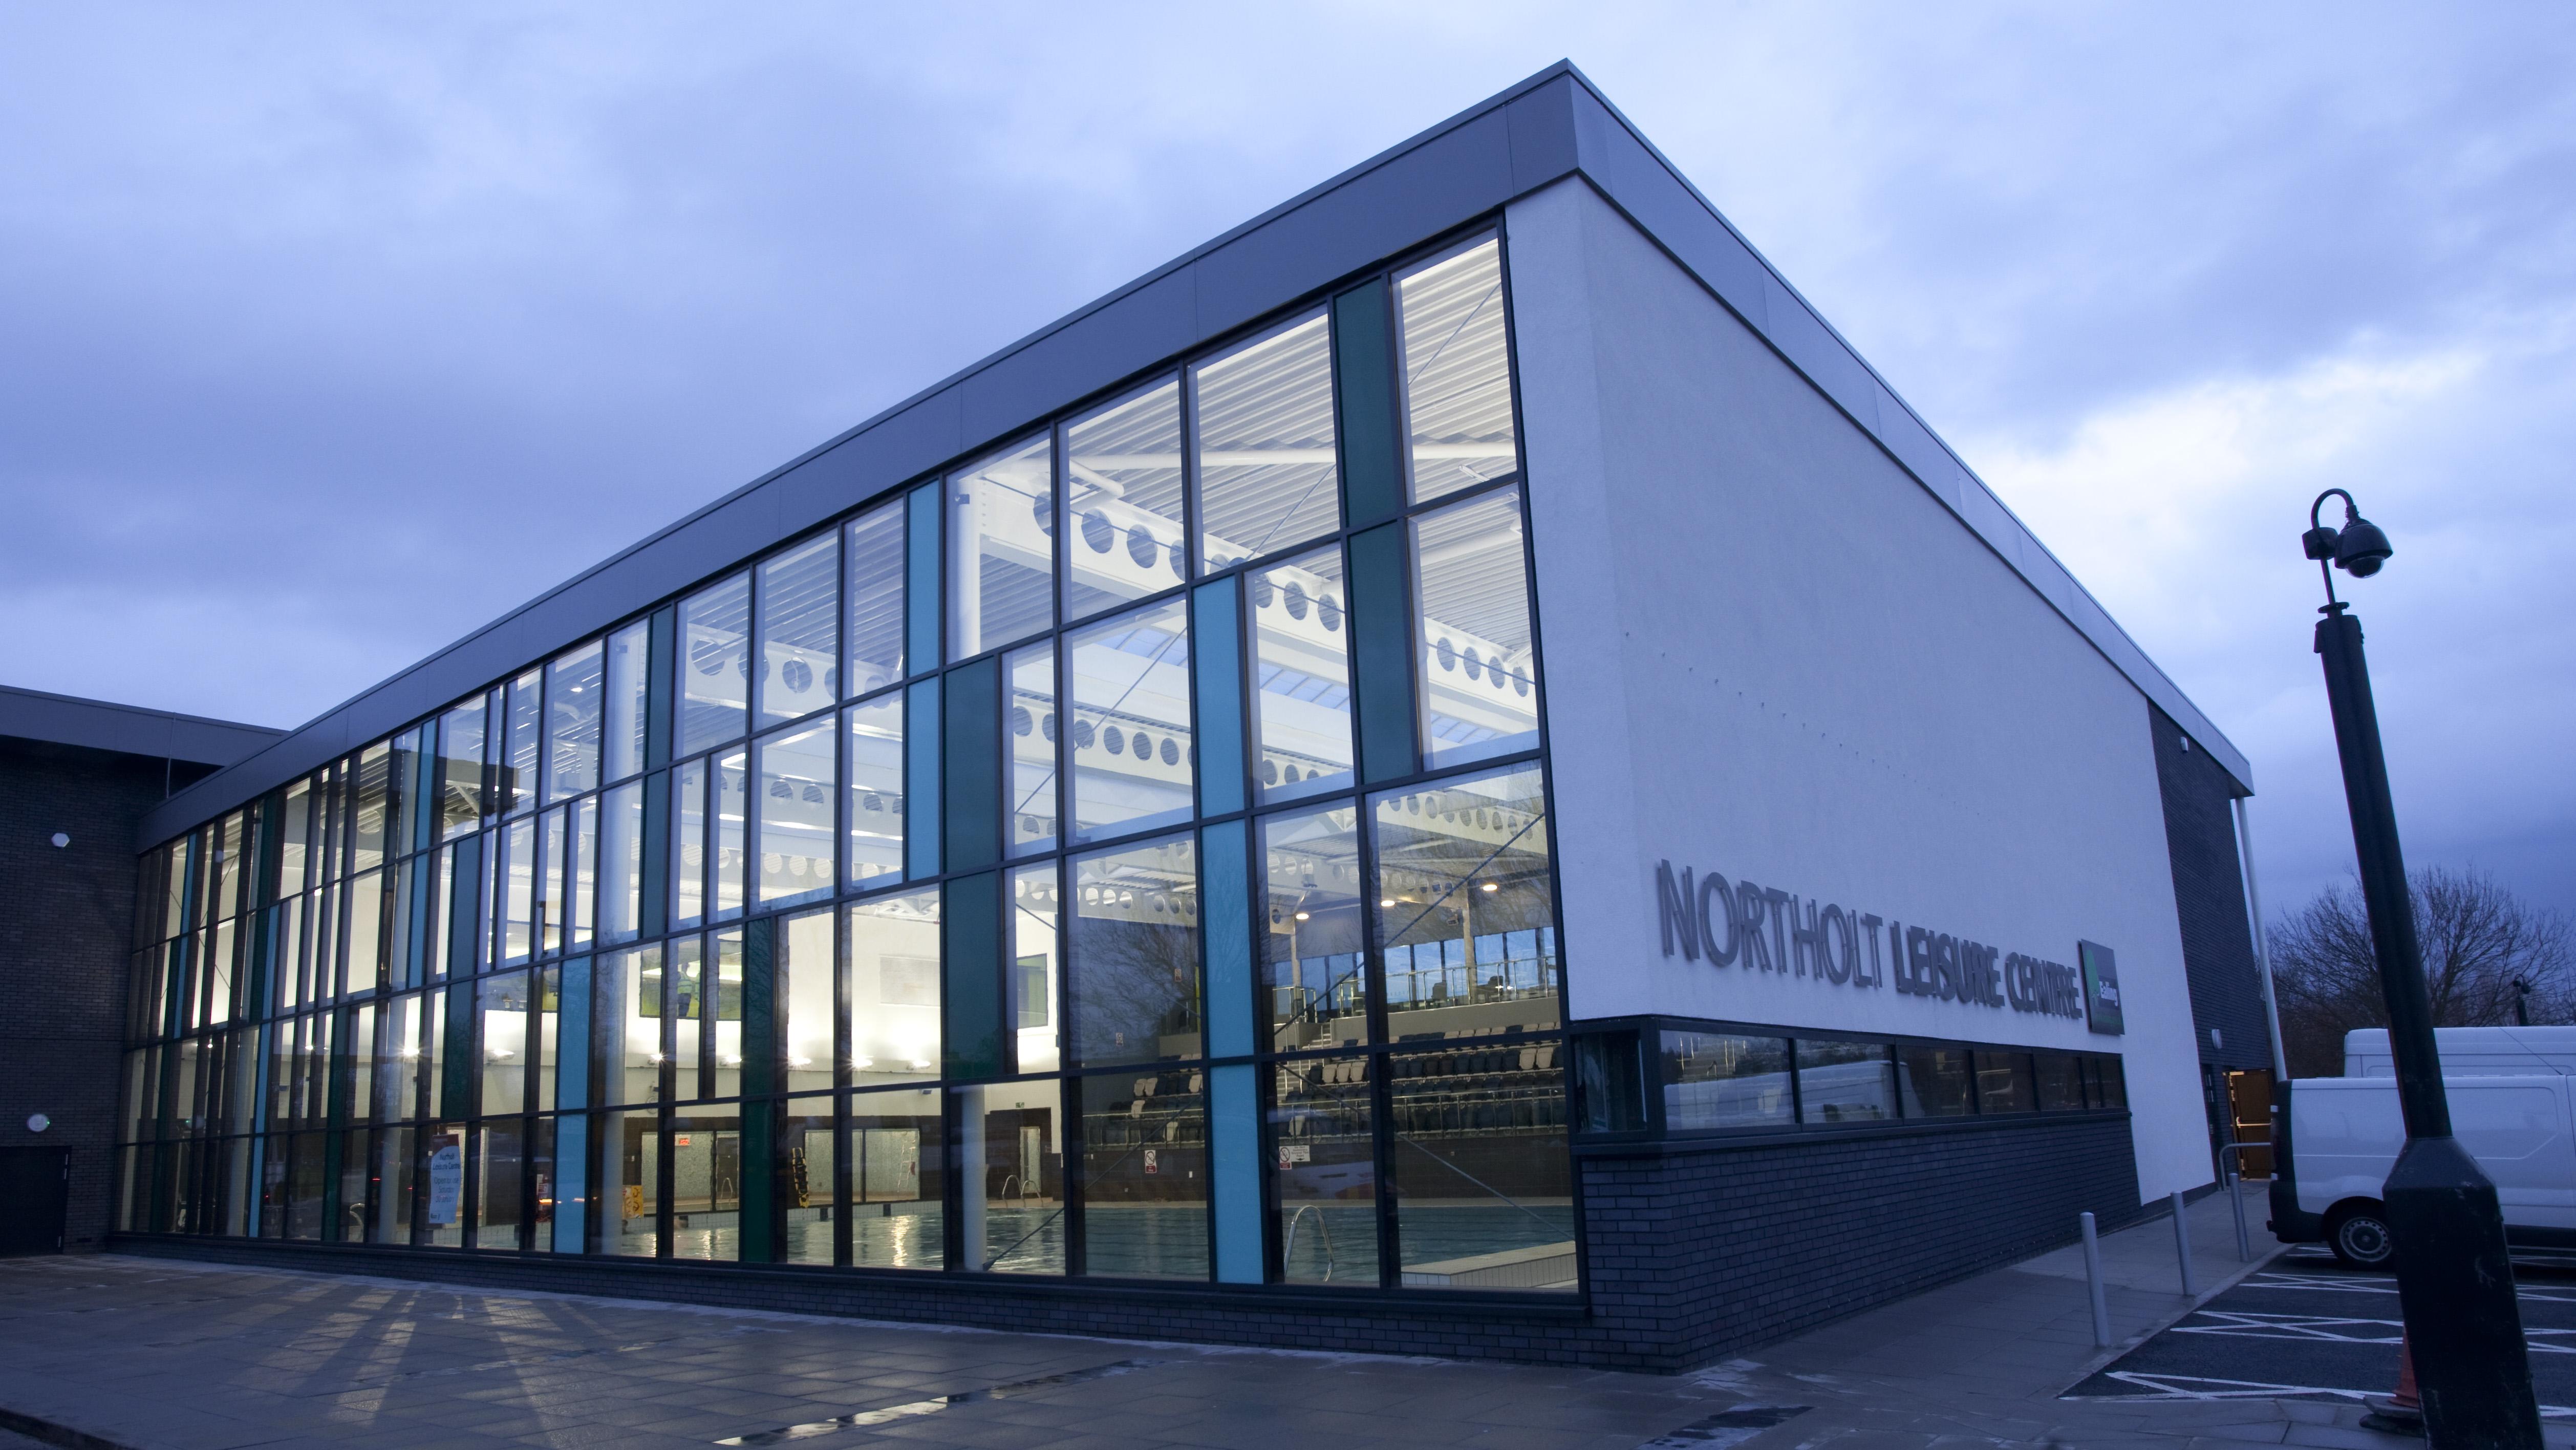 Northolt Lesiure Centre